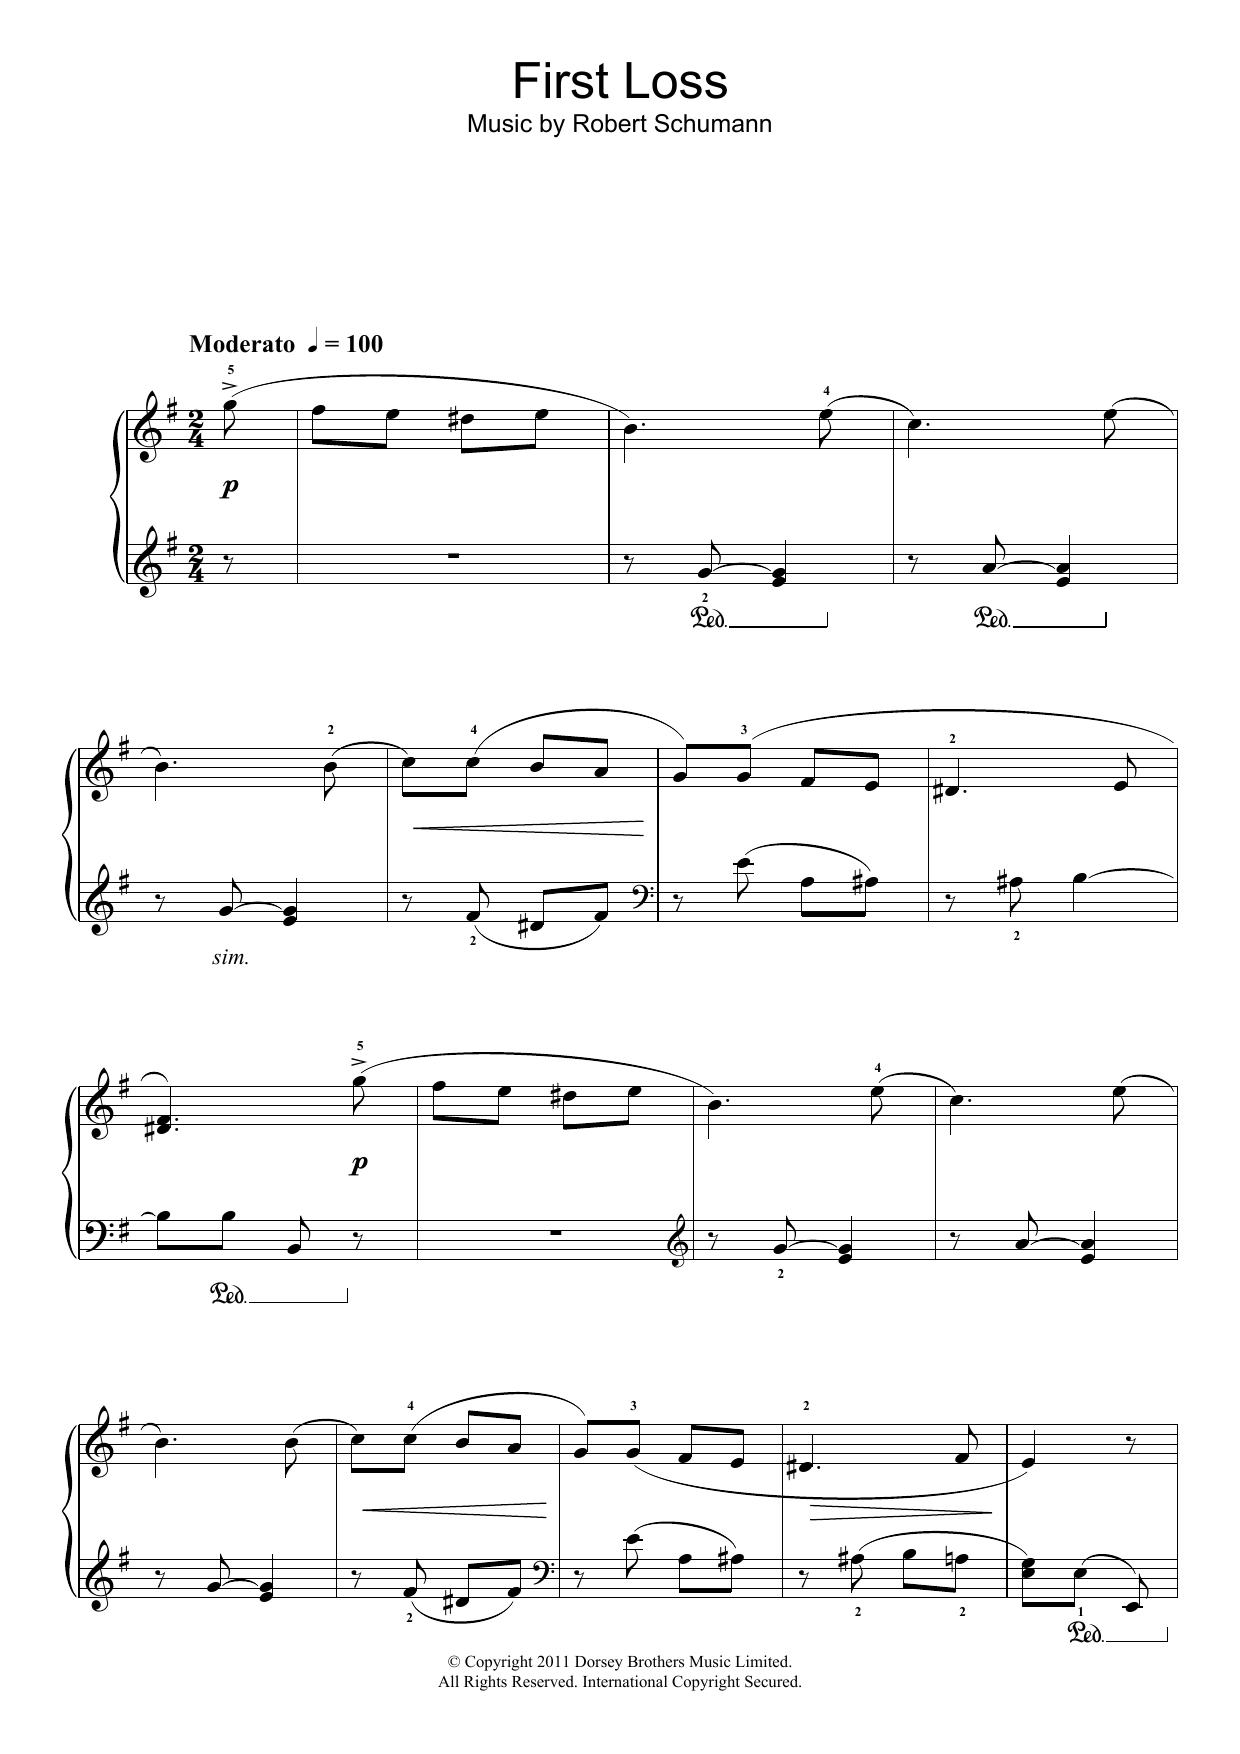 Robert Schumann - First Loss